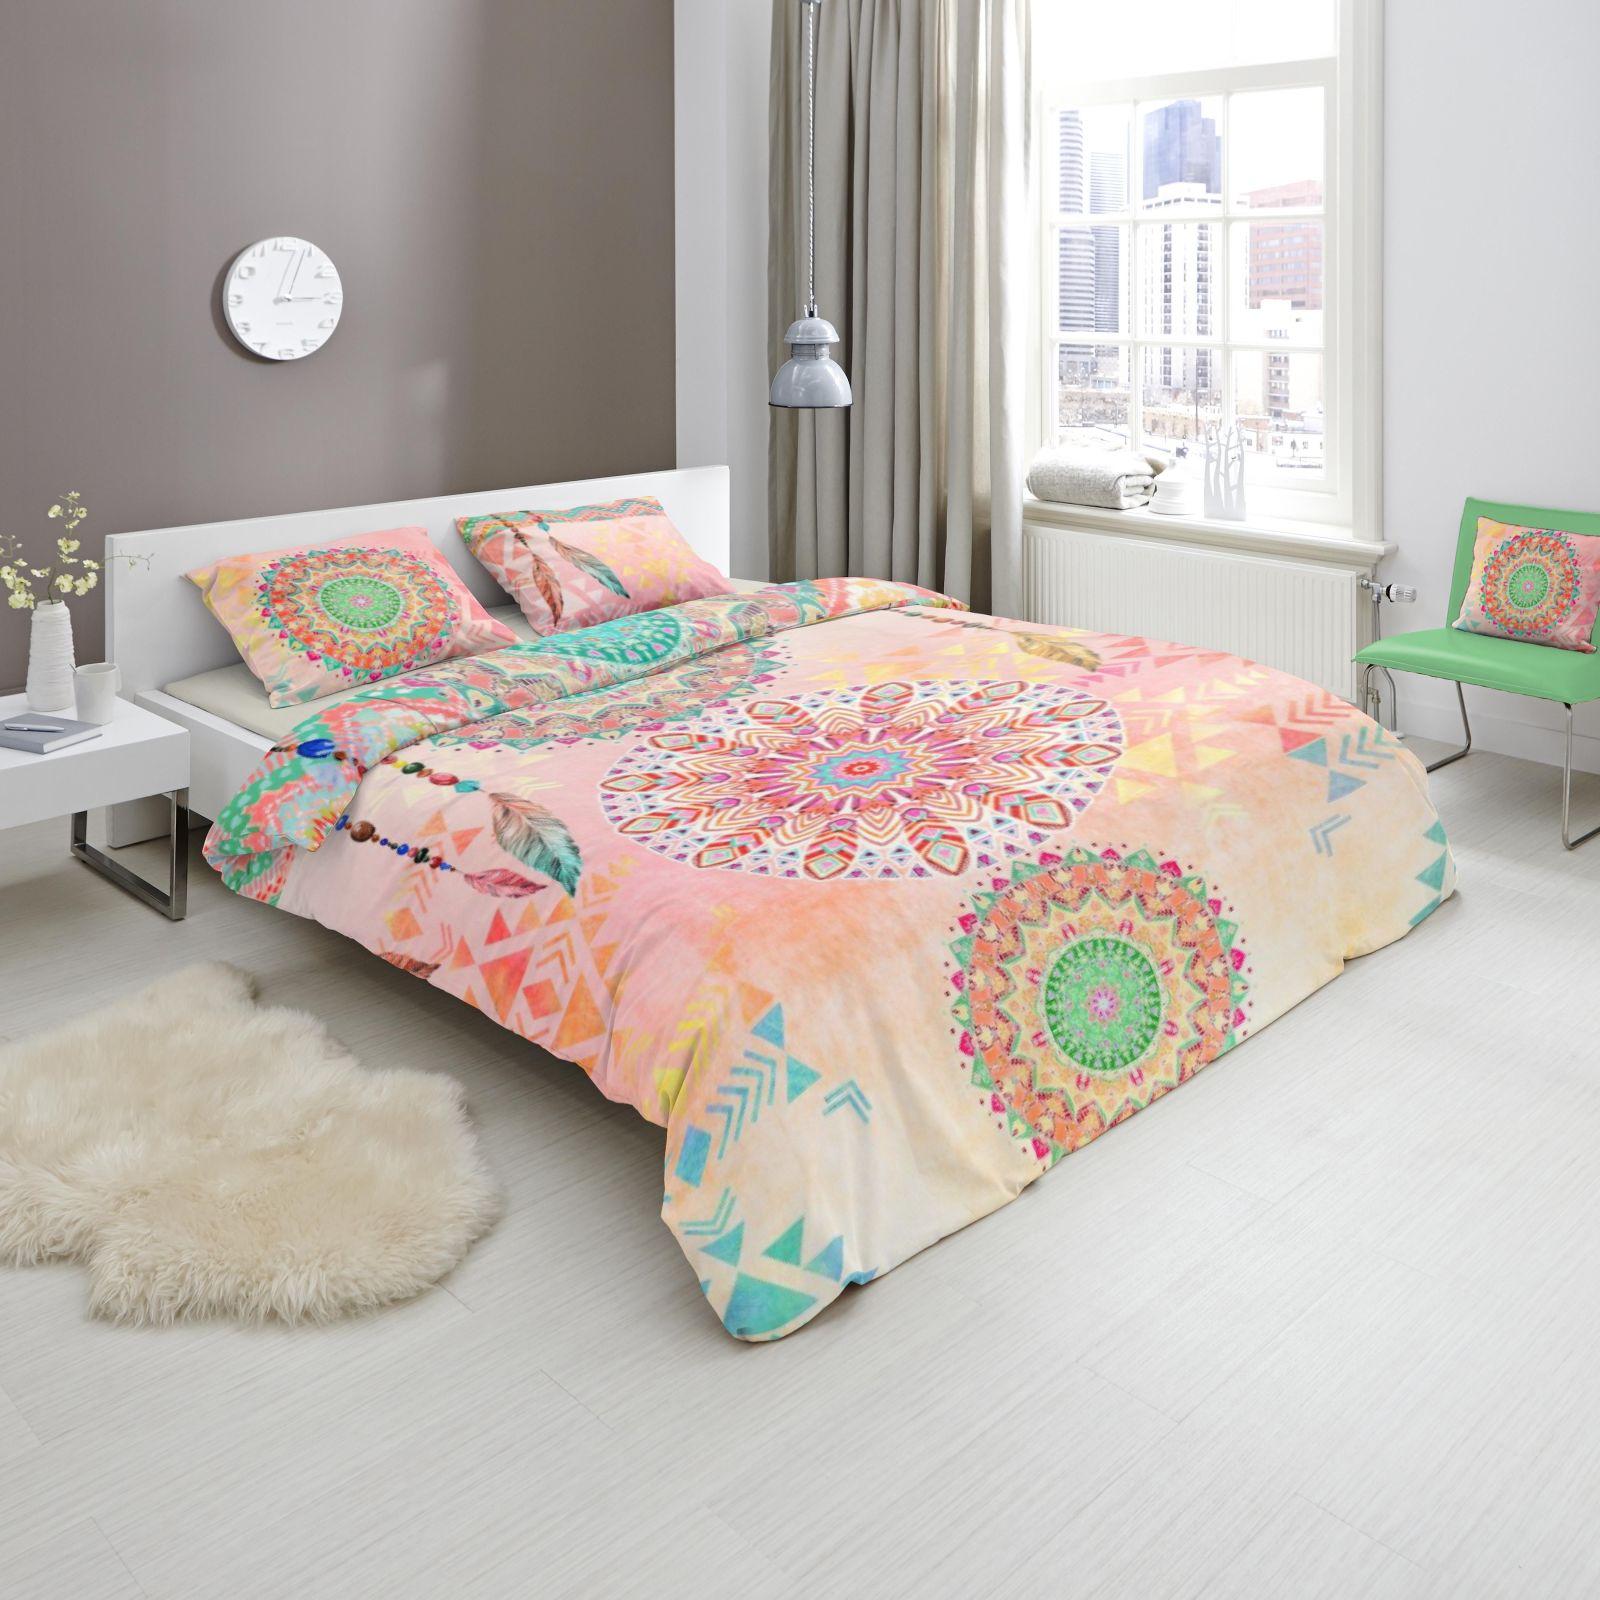 Full Size of Bettwäsche 155x220 Satin Bettwsche Ornamente Rosa Bunt Cm Online Bei Sprüche Wohnzimmer Bettwäsche 155x220